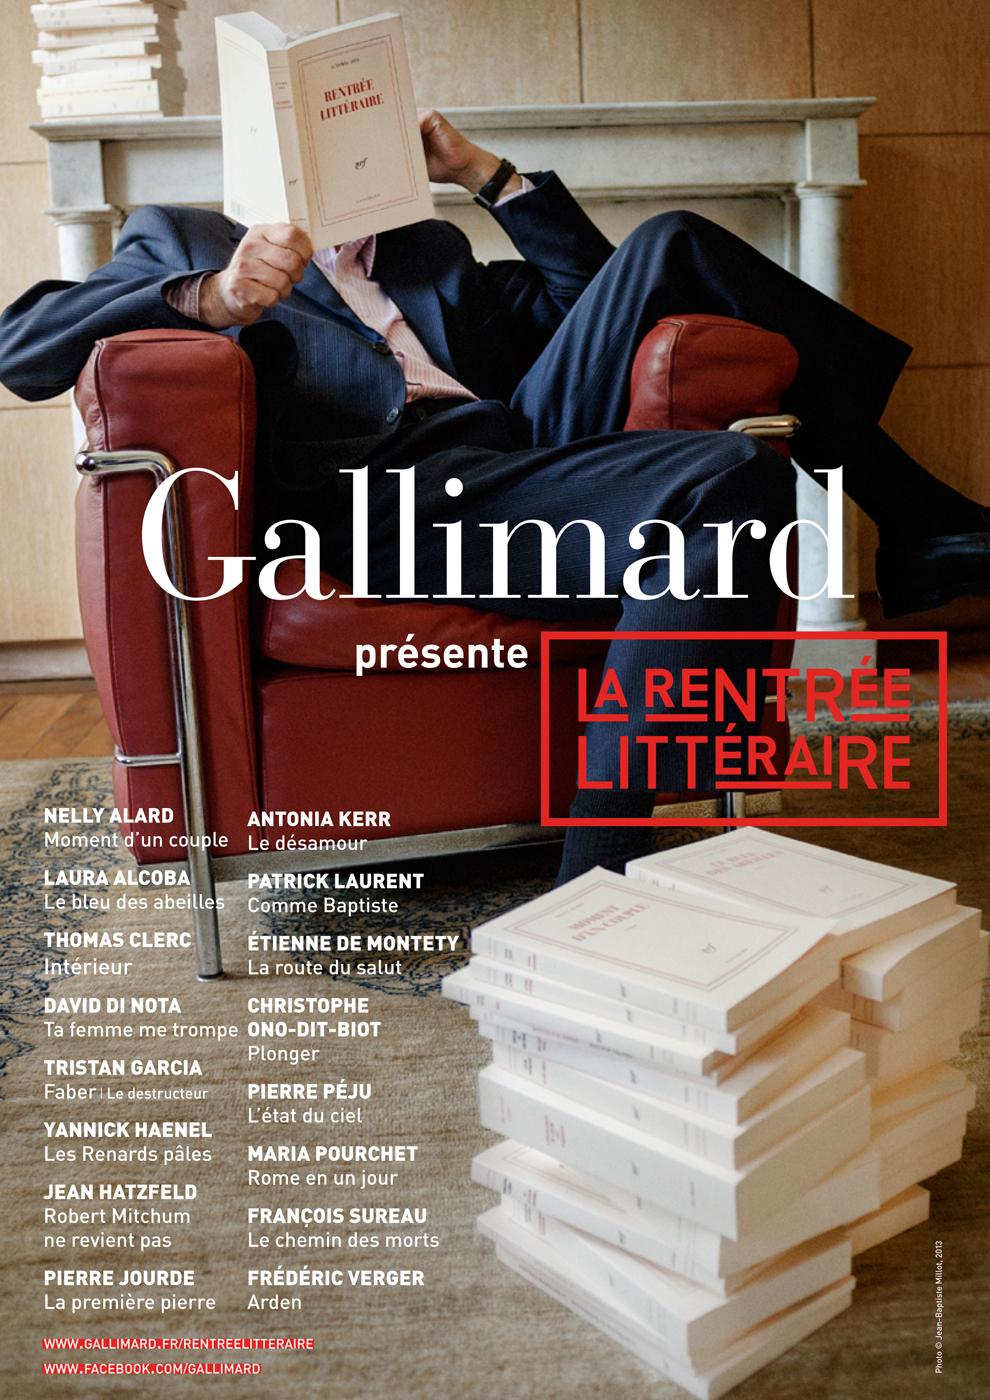 EXTRAITS GRATUITS - LA RENTREE LITTERAIRE GALLIMARD 2013